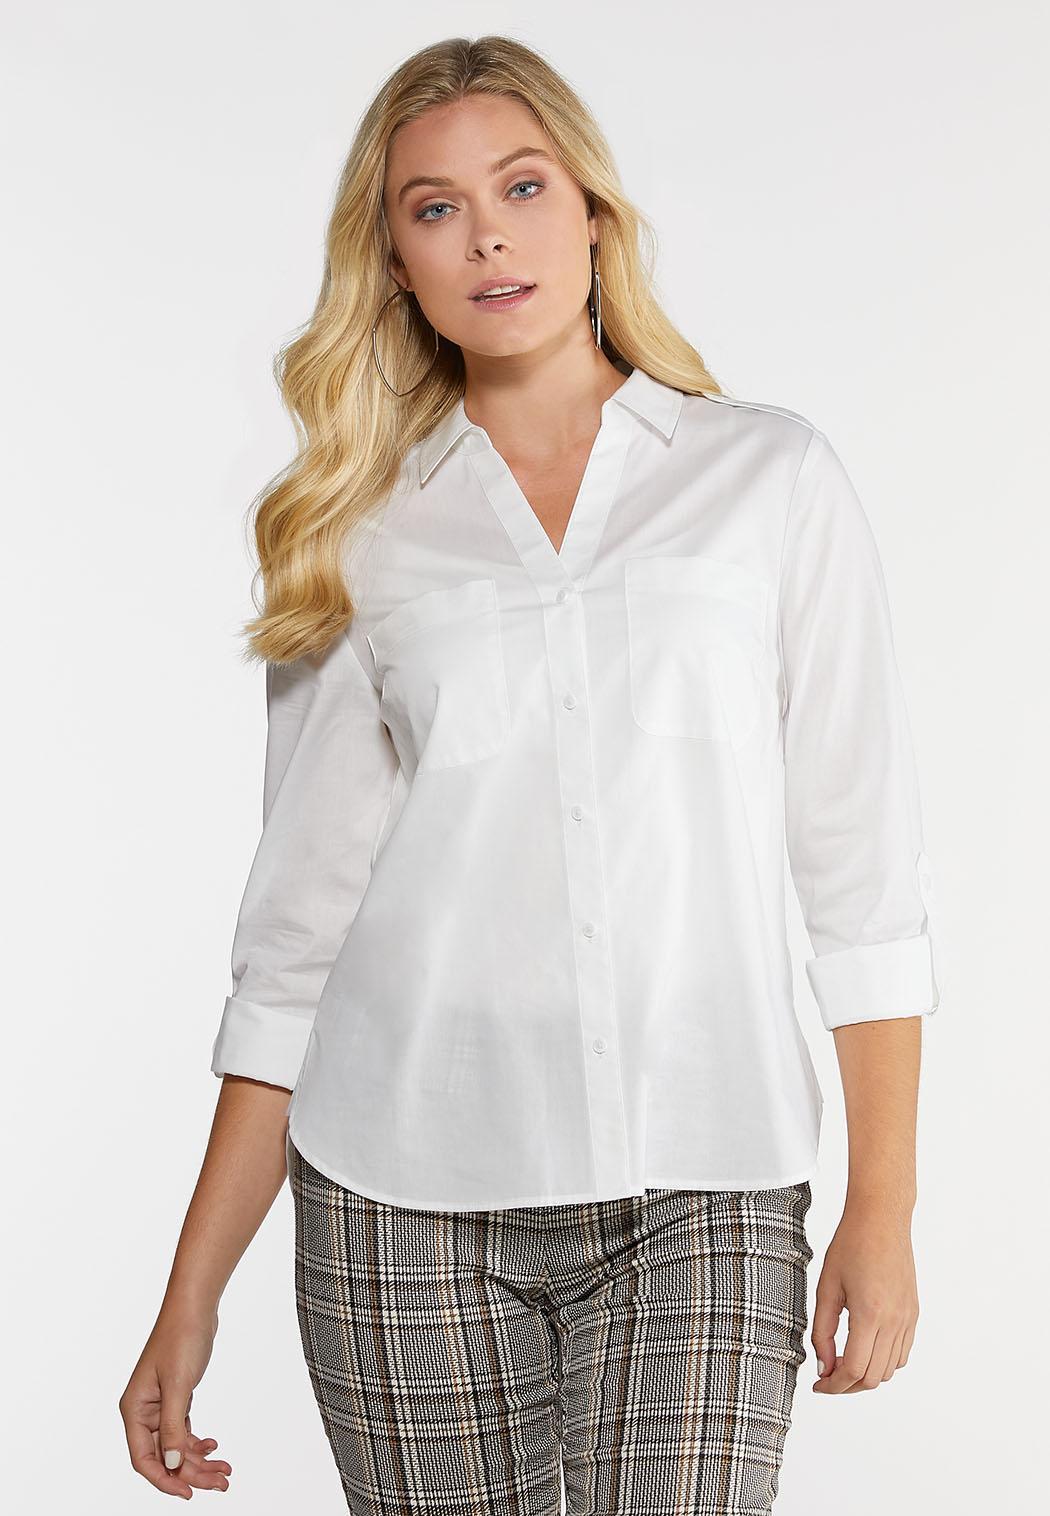 Plus Size White Button Down Shirt